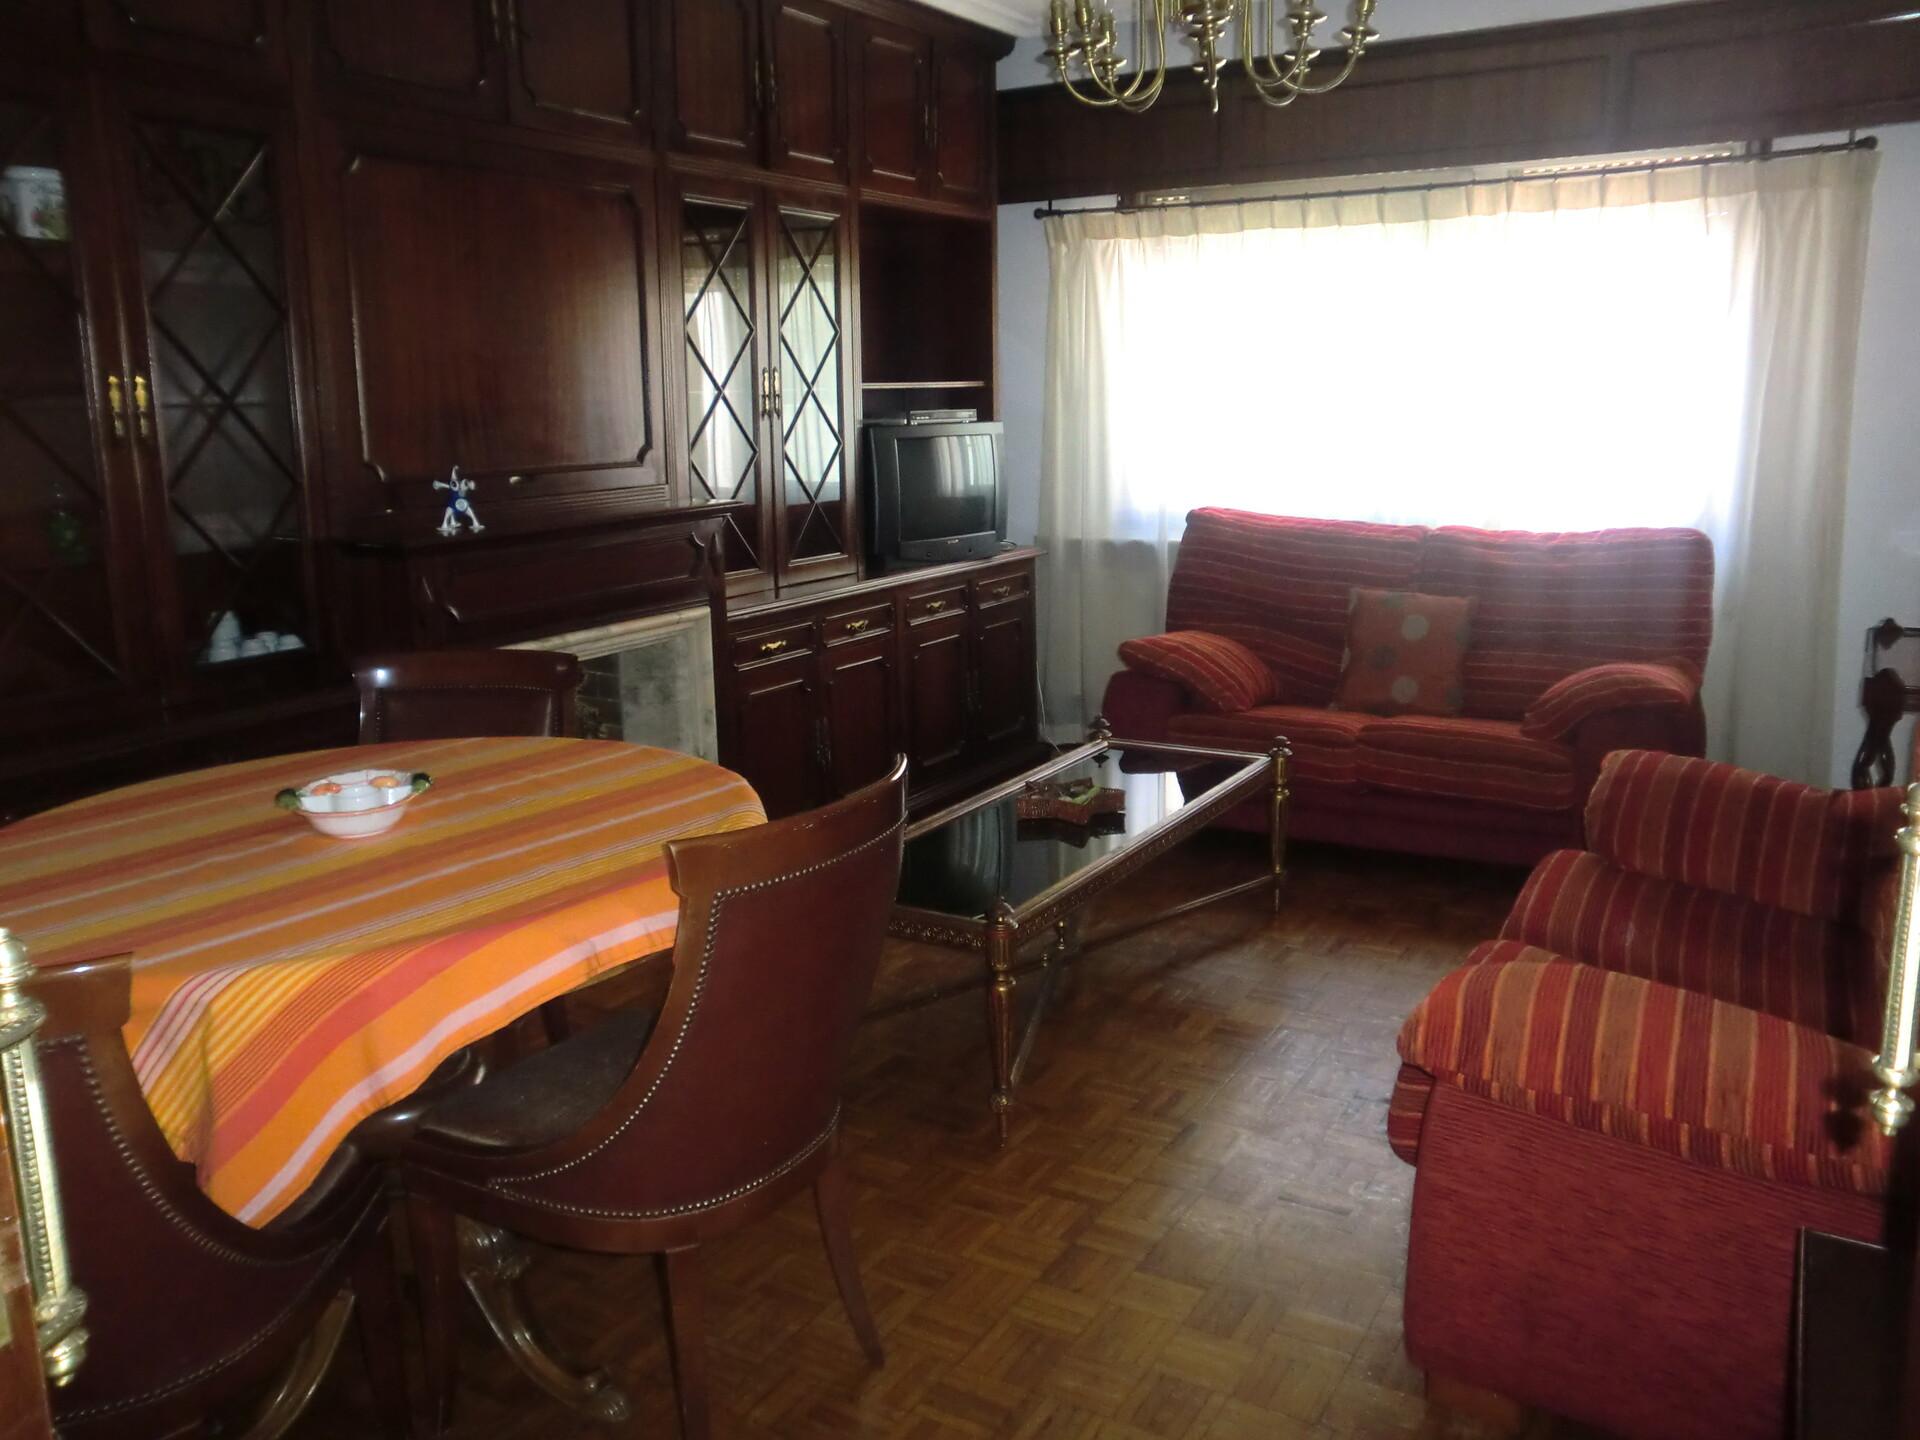 habitación cama grande ,amplia y luminosa. al lado